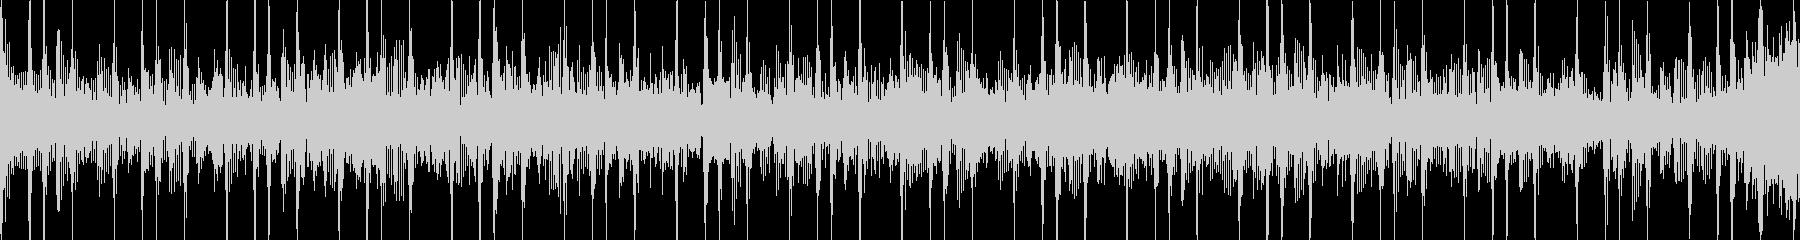 ベースリフBGM(ループ)ホラー系の未再生の波形